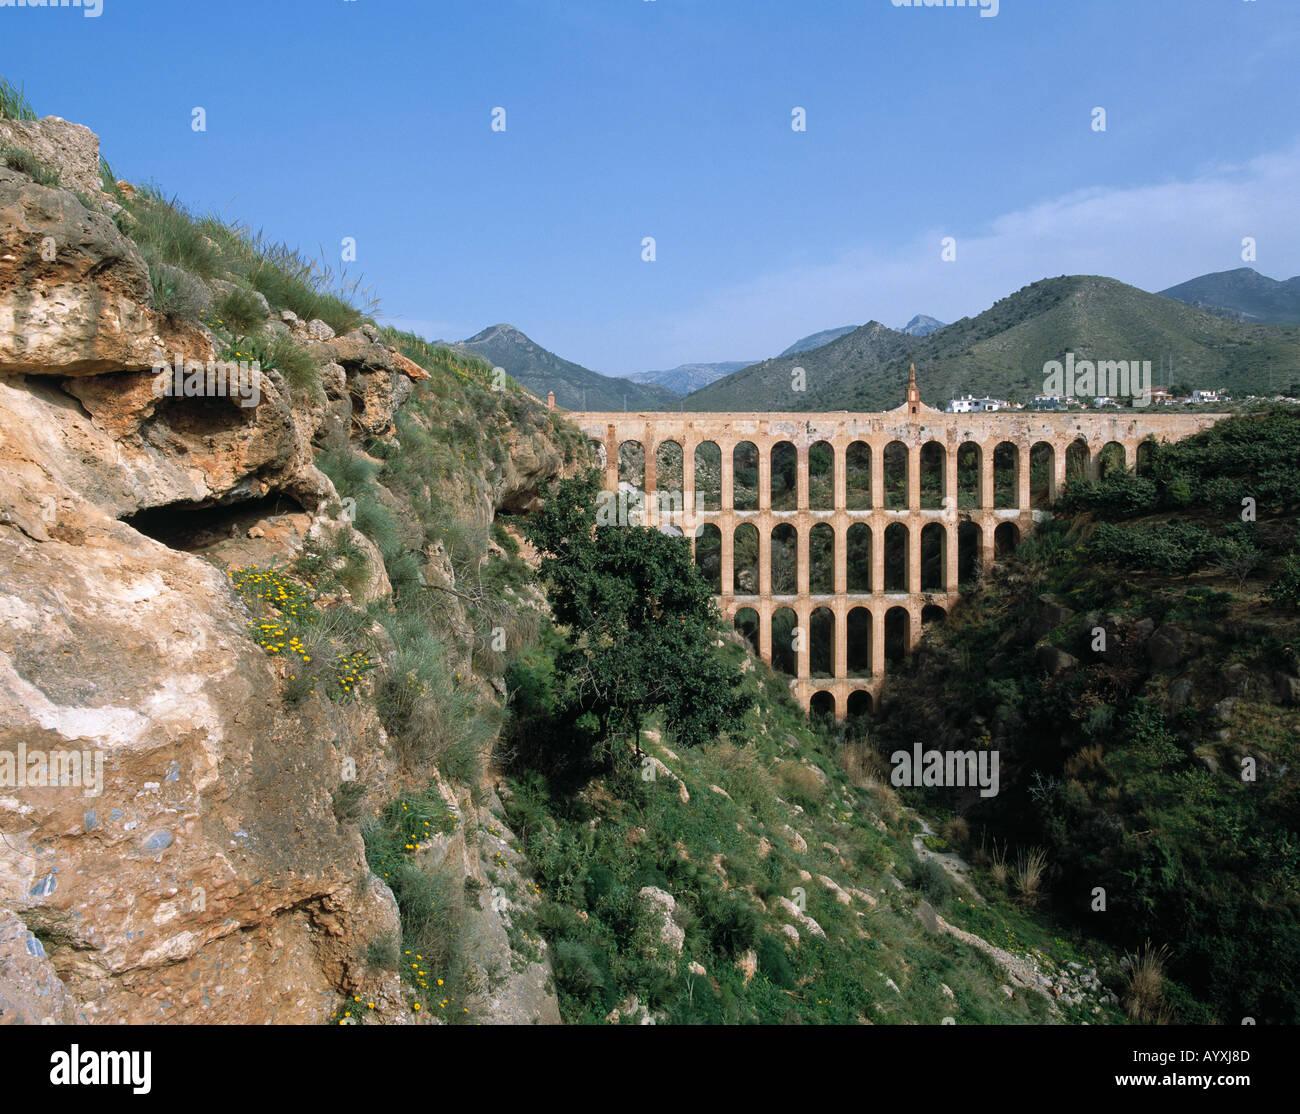 Gebirgslandschaft, Roemisches Aquaedukt ueberbrueckt ein Tal, Roemische Wasserleitung, Bruecke ueber eine Schlucht, Stock Photo